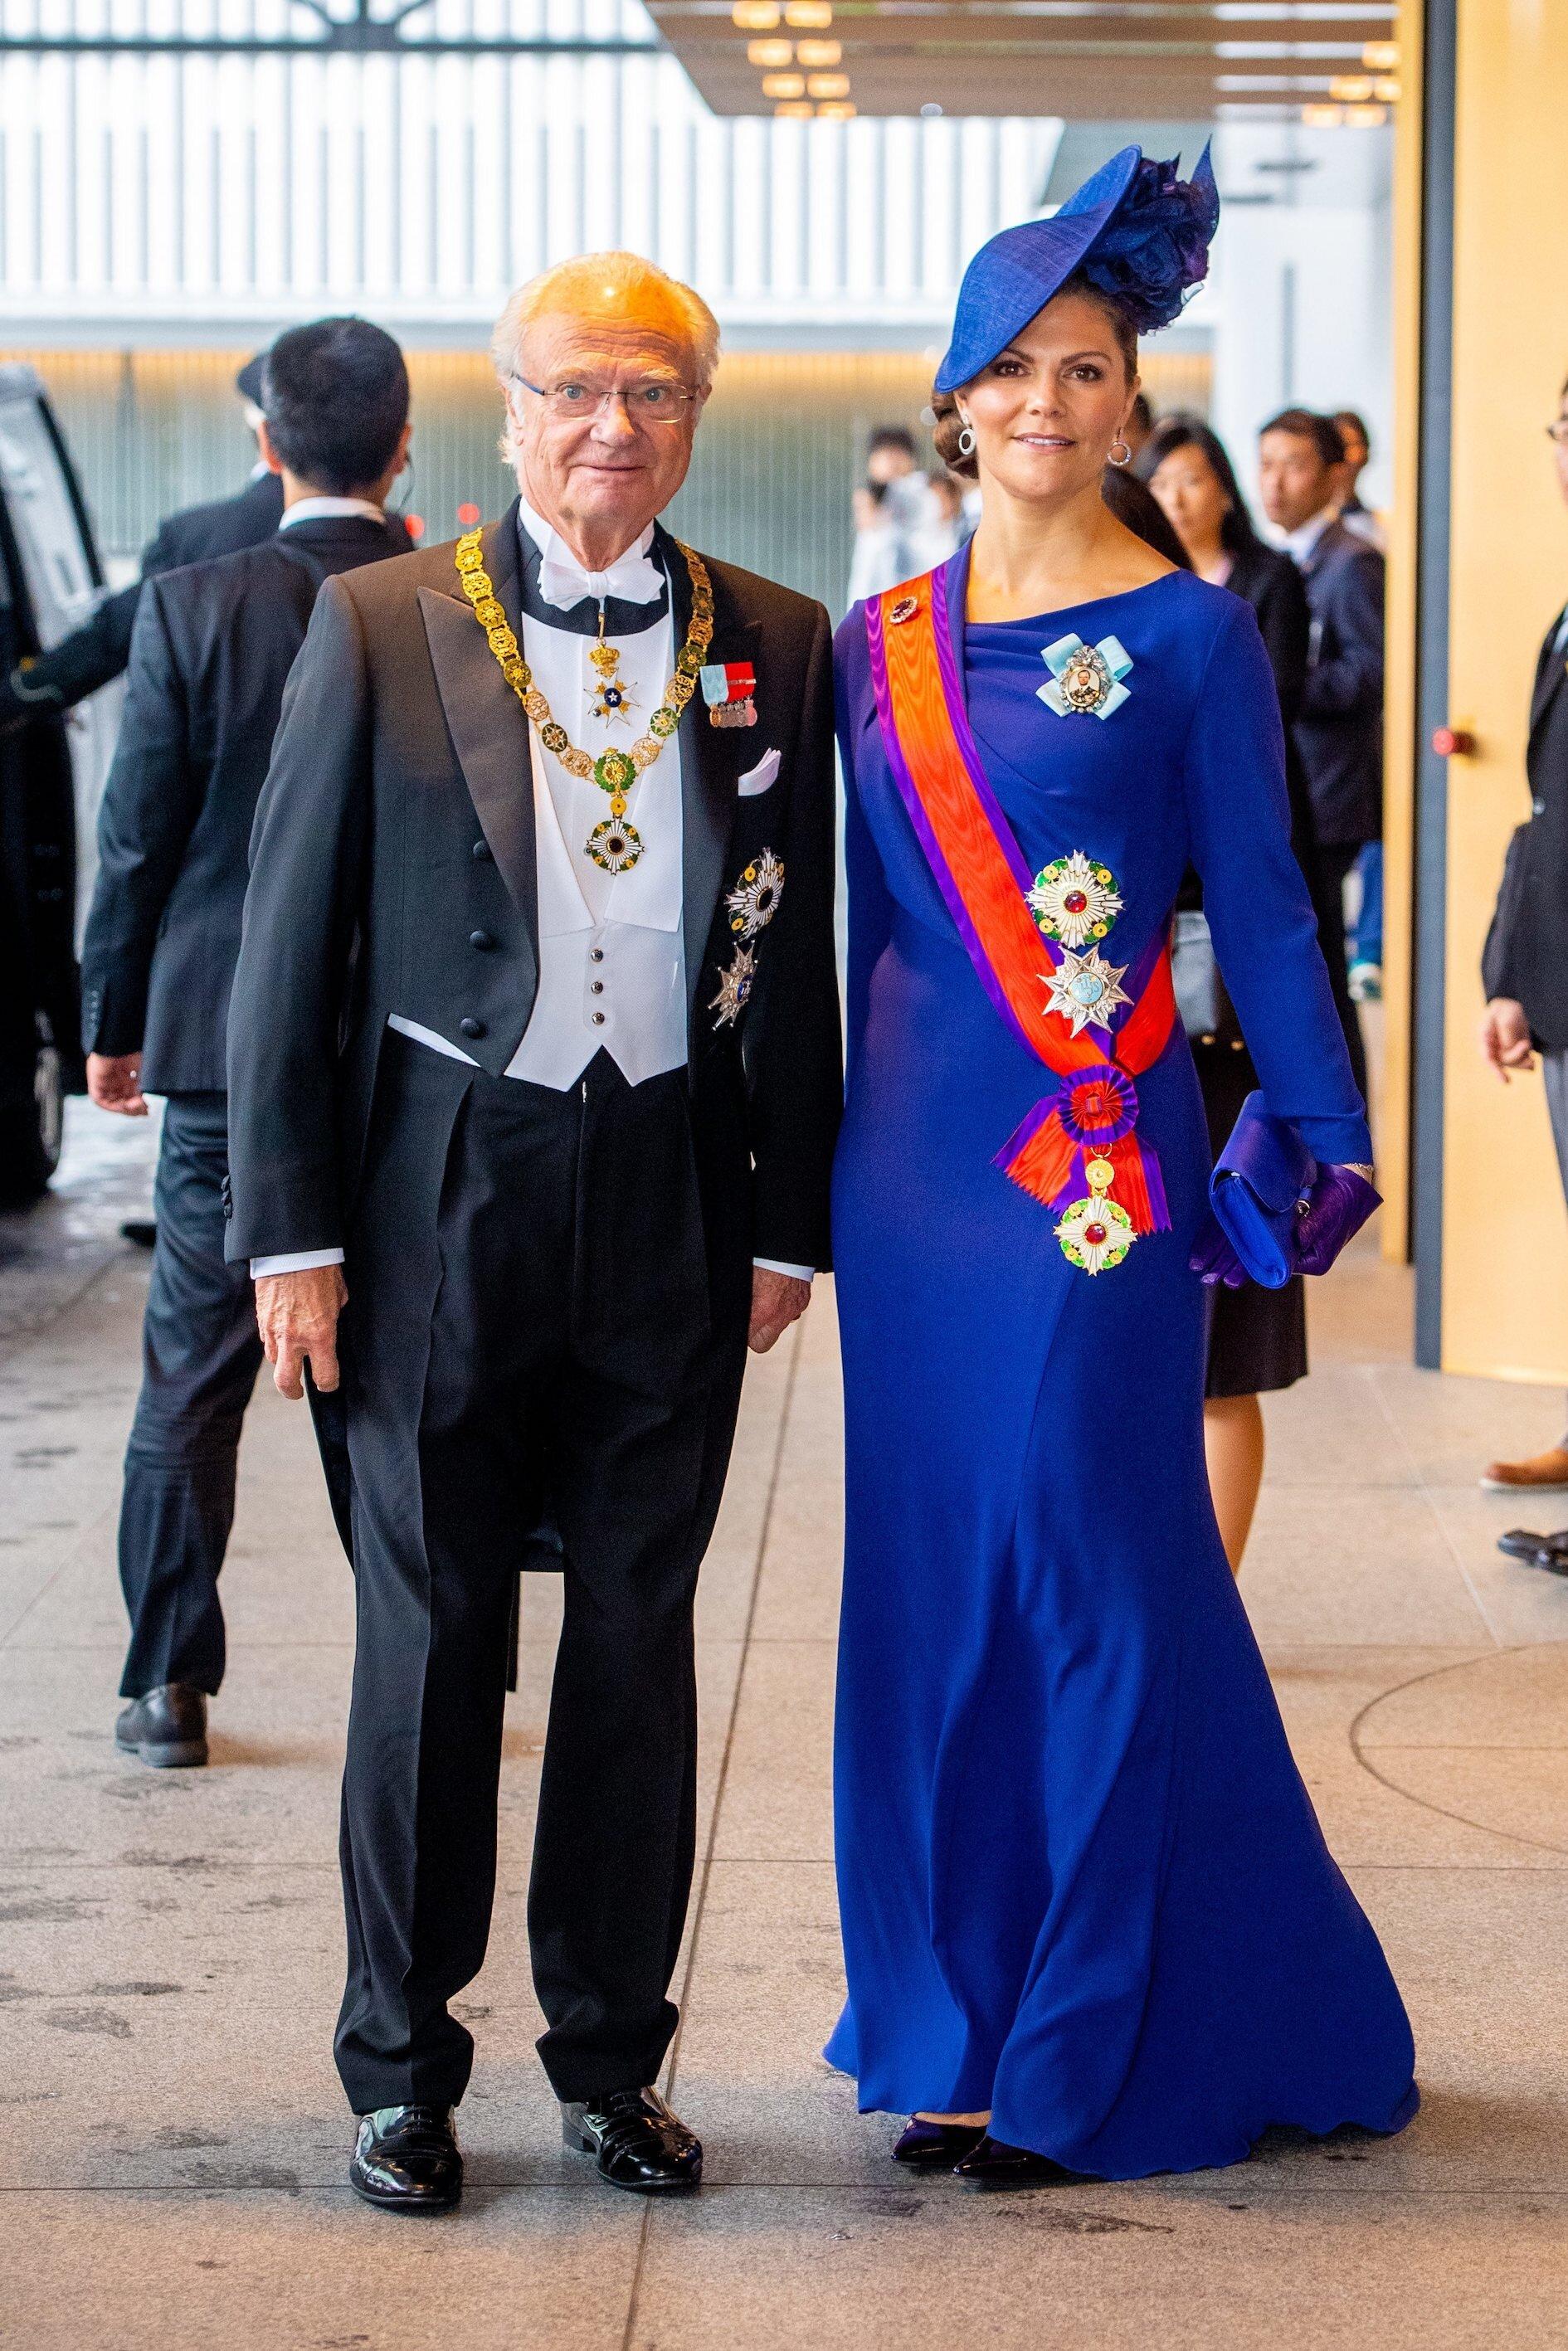 Kronprinzessin Victoria reiste gemeinsam mit ihrem Vater König Carl Gustaf nach Japan. Die Schwedin wählte ein blaues Kleid sowie eine farblich identische Clutch und einen Hut.  © picture alliance/RoyalPress Europe